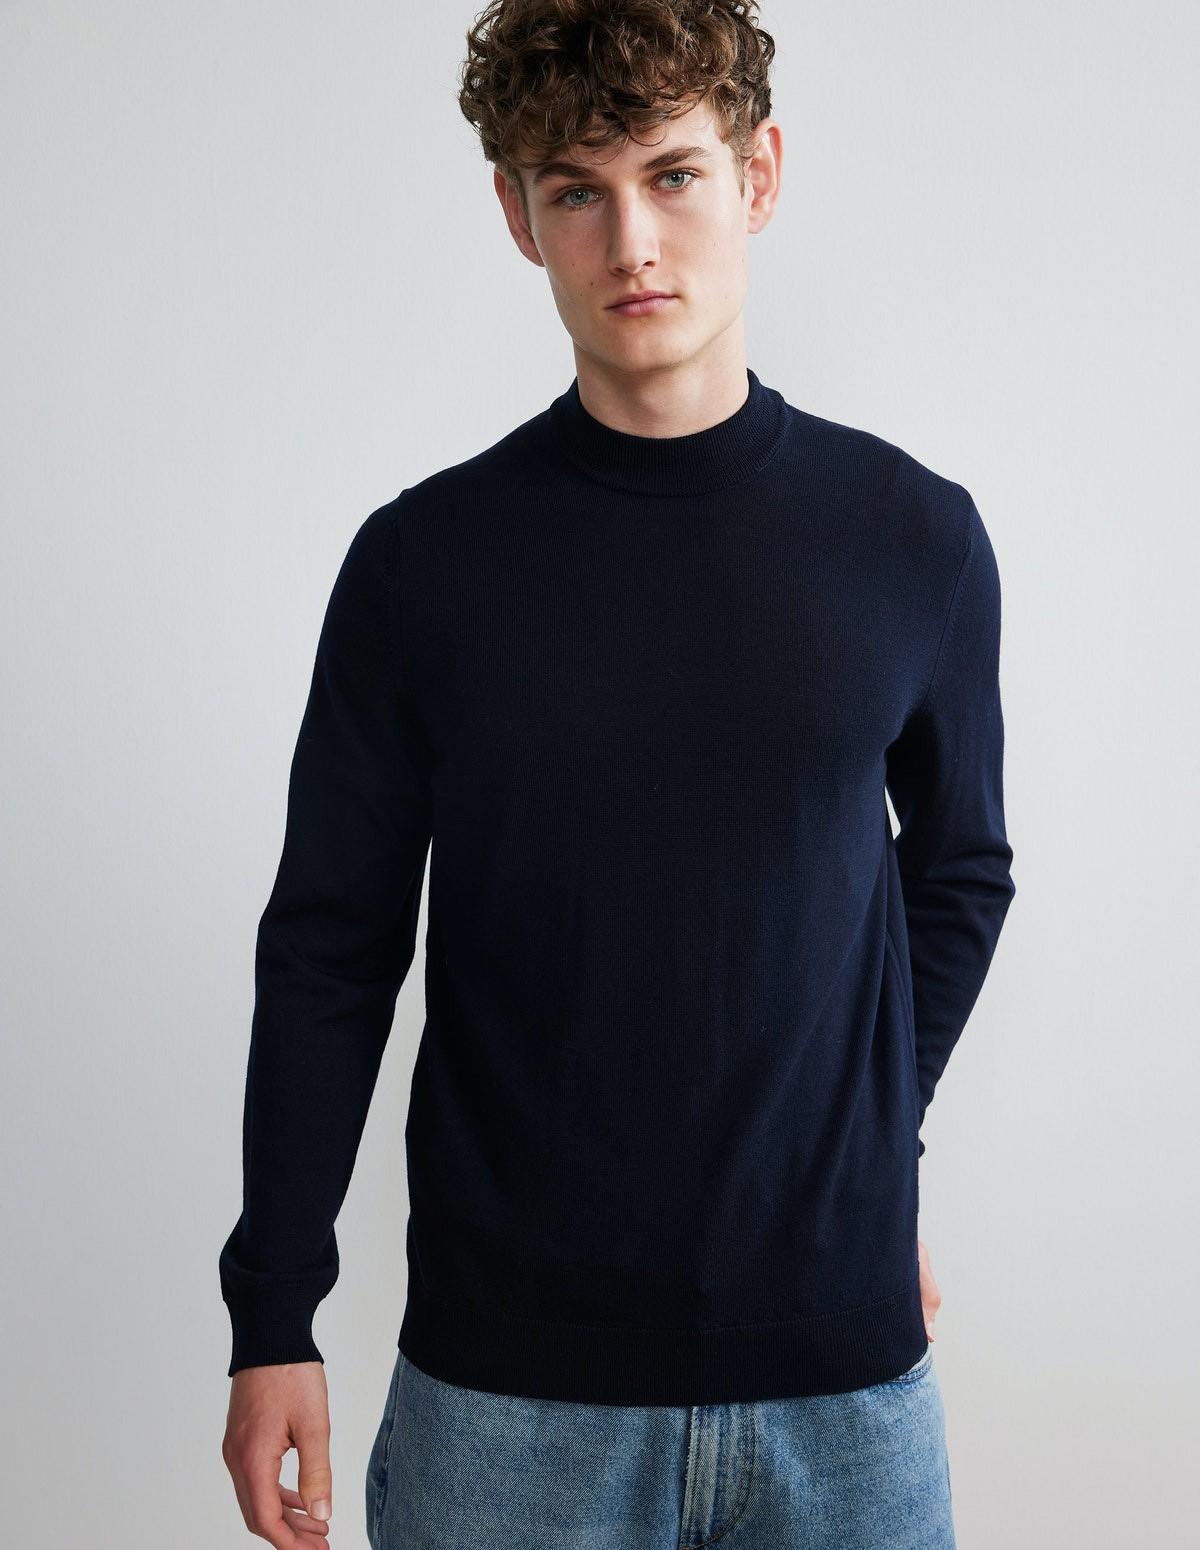 Nn07 Martin Merino Sweater - 200 NAVY